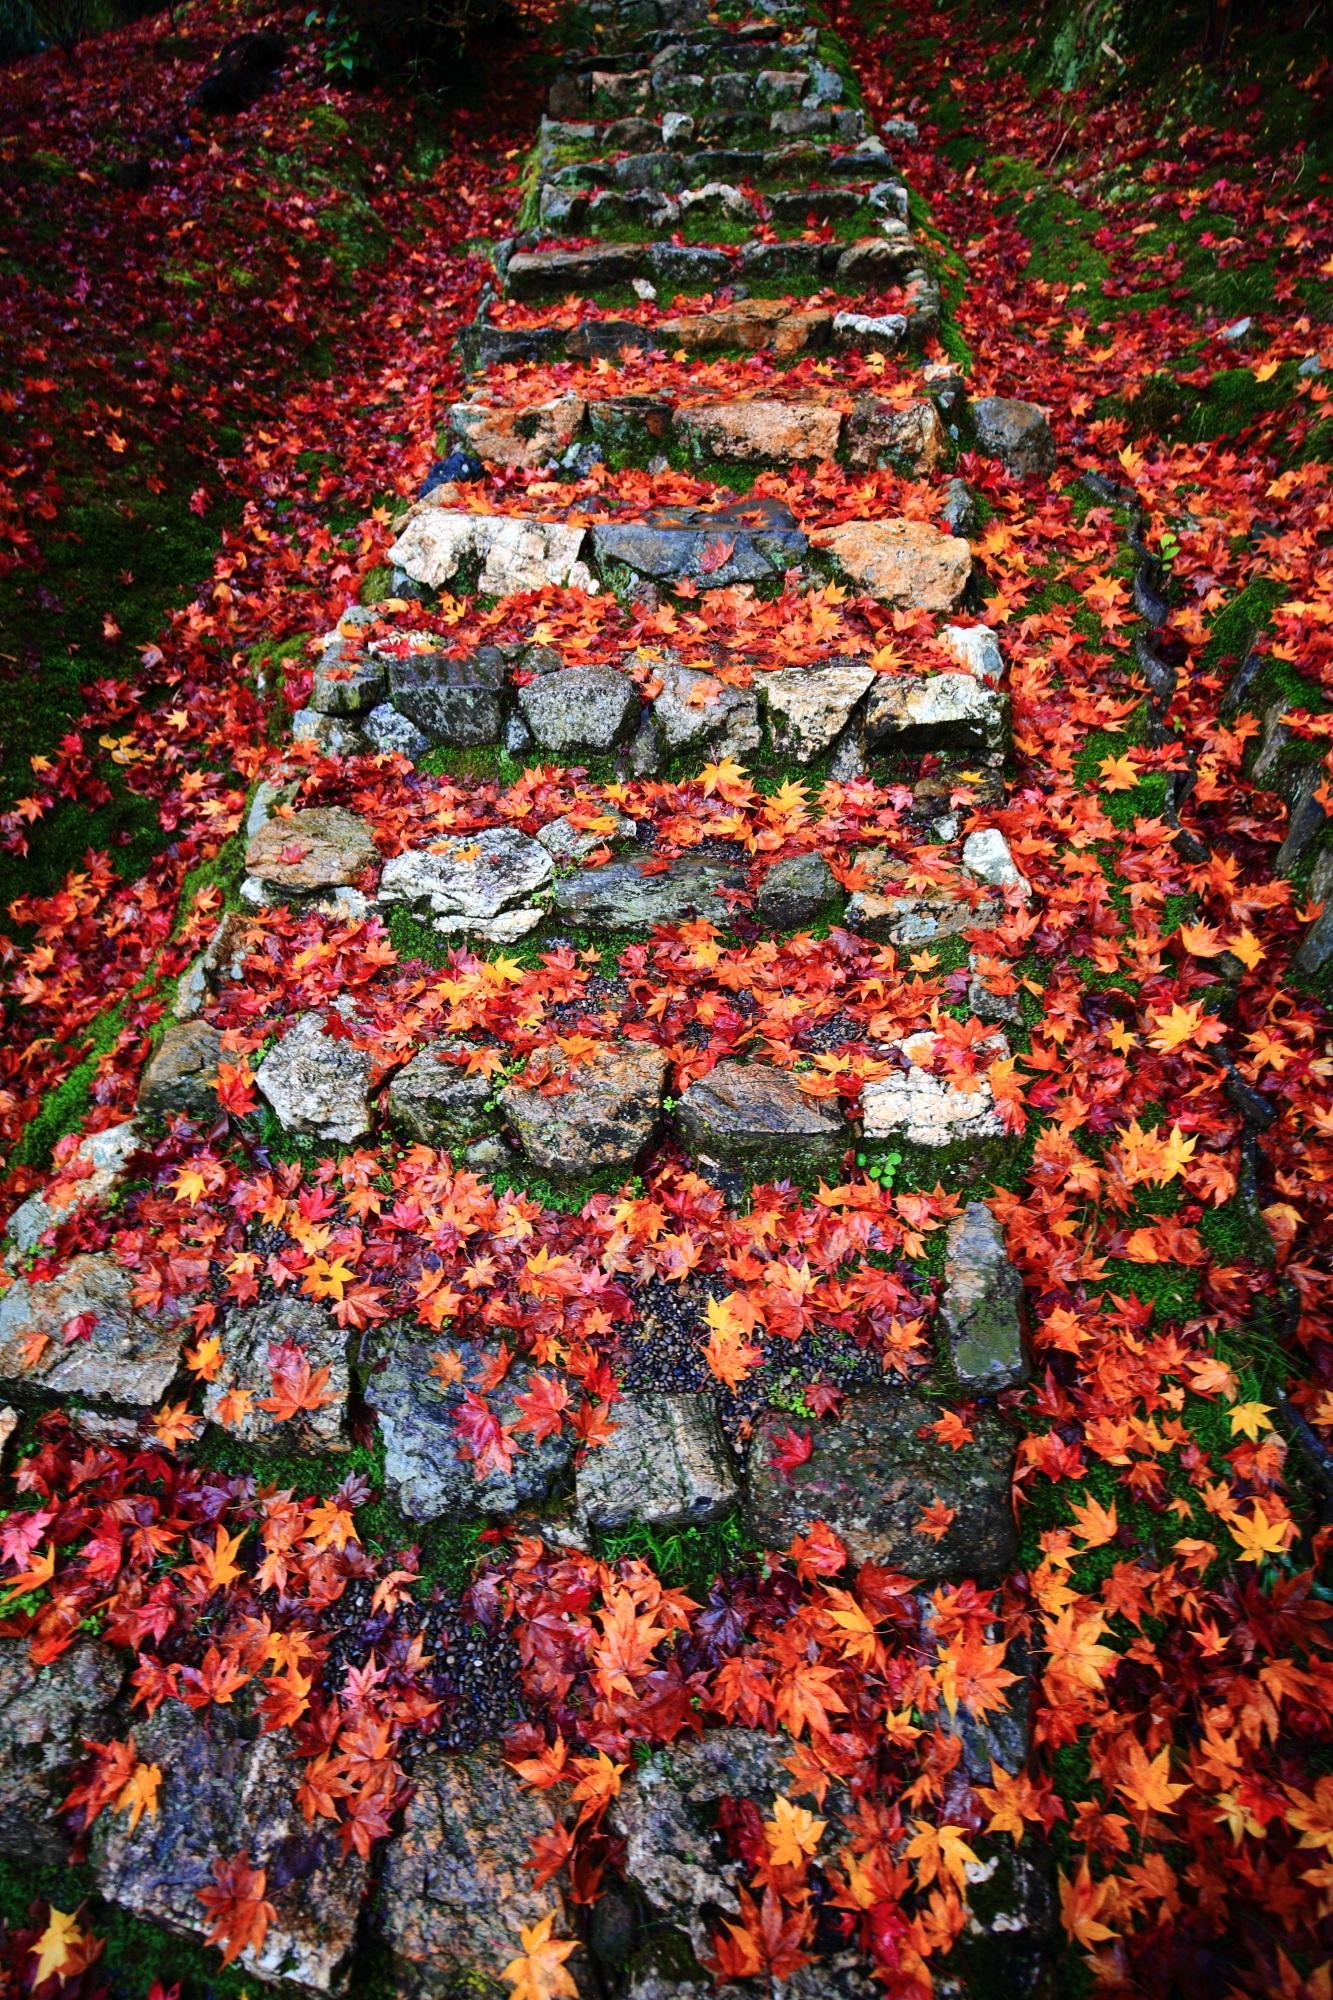 直指庵(じきしあん)の開山堂前石段の色とりどりの散りもみじ